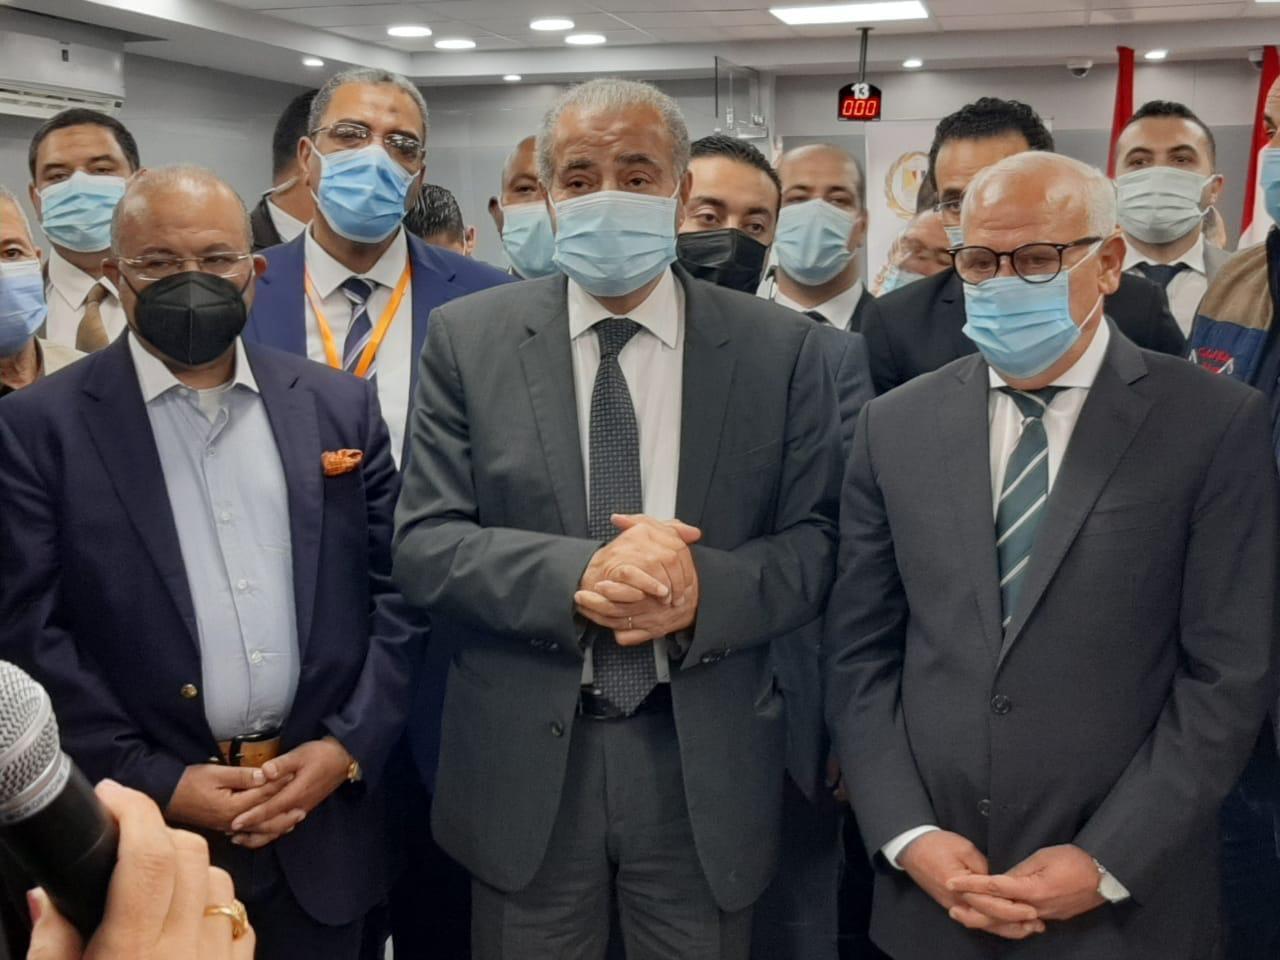 وزير التموين يفتتح أول مكتب نموذجي على مستوى الجمهورية  يقدم جميع خدمات الوزارة ببورسعيد